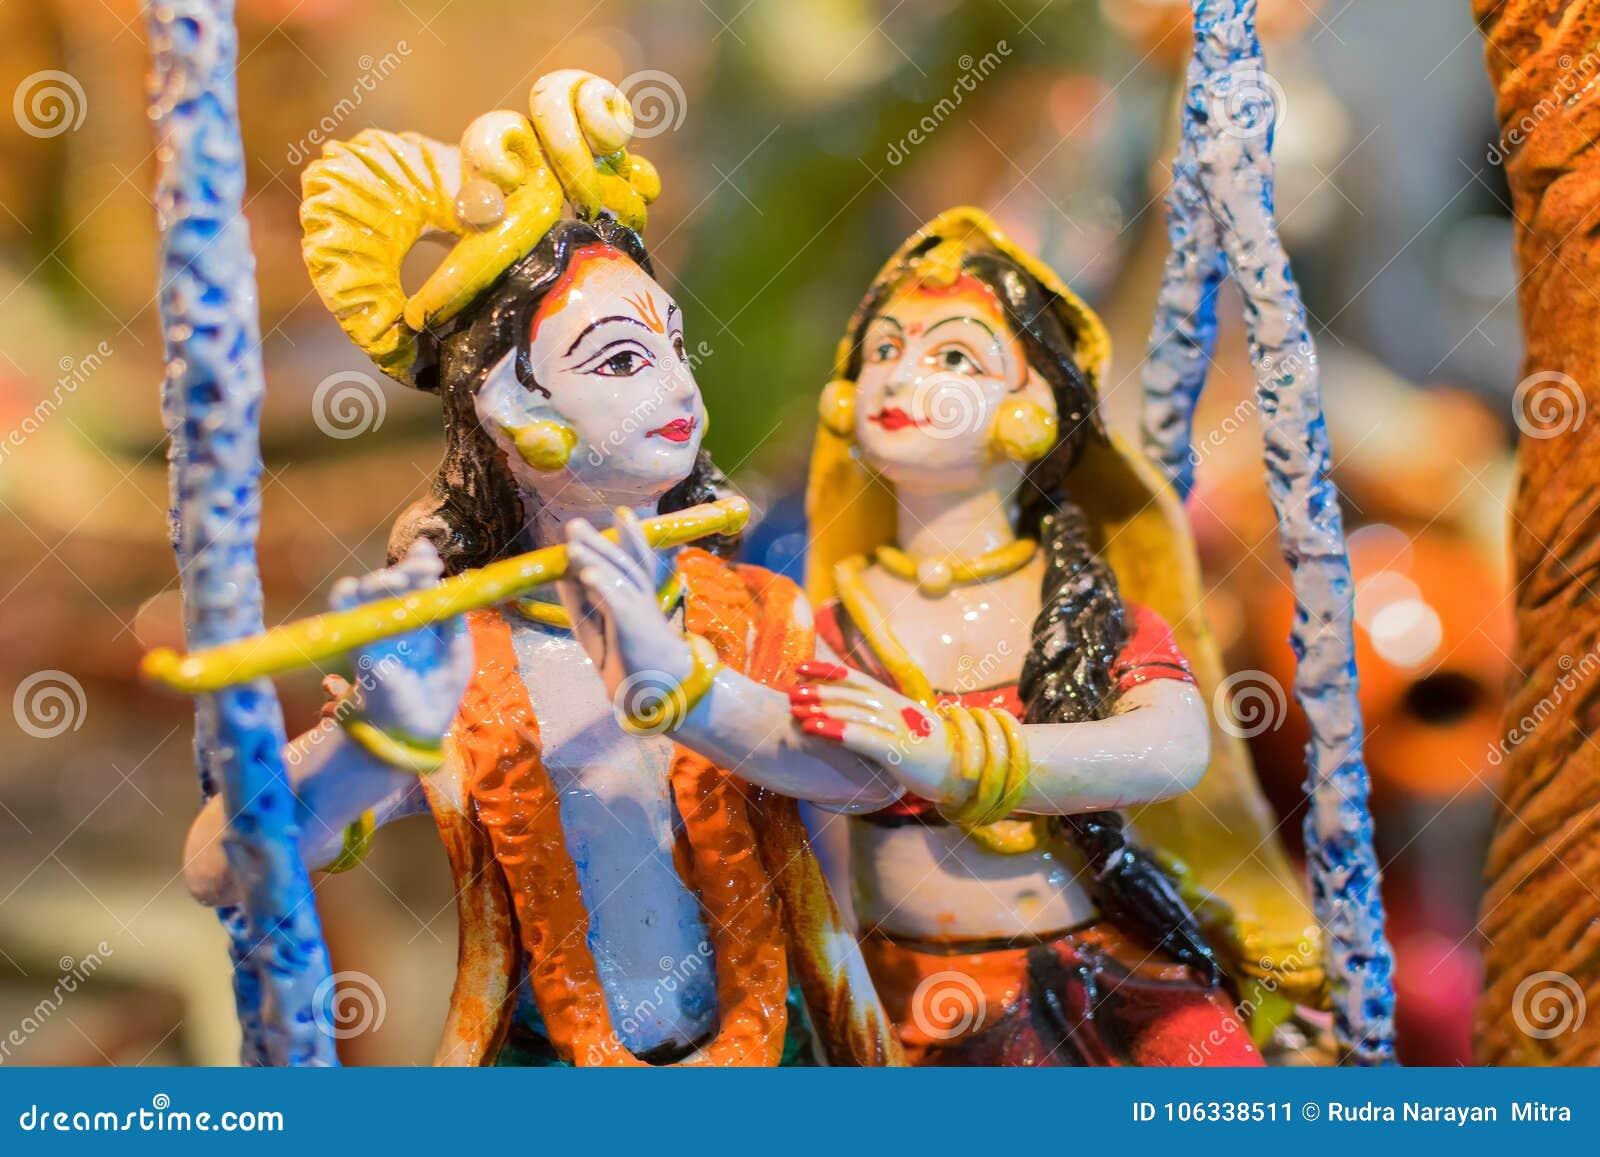 radha and krishna indian handicrafts fair at kolkata stock image